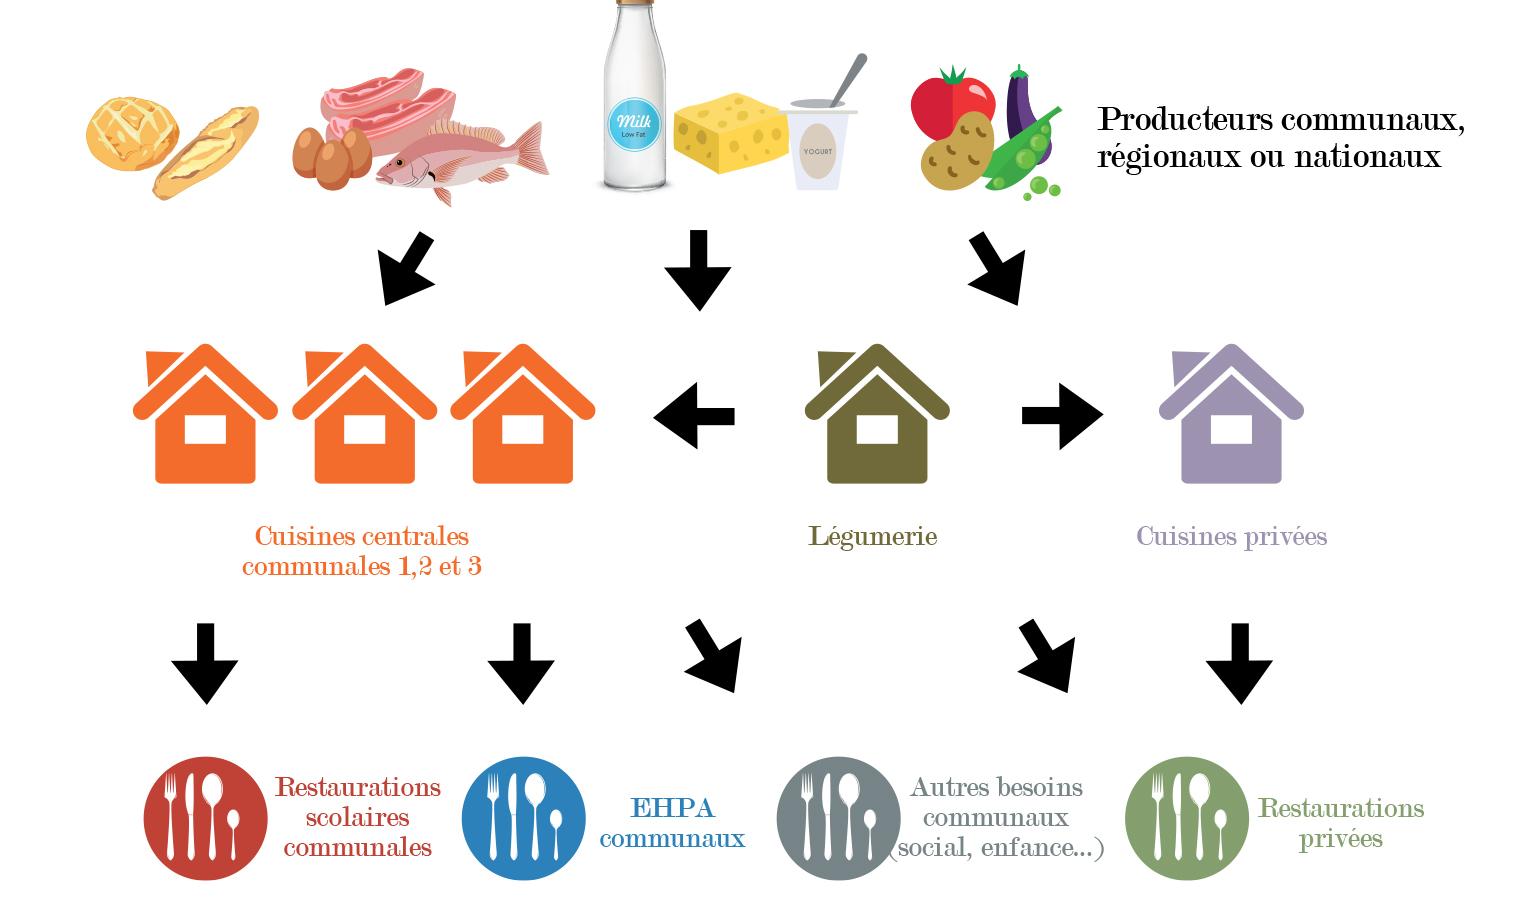 Schéma alimentaire et agricole communal de Mauges-sur-Loire